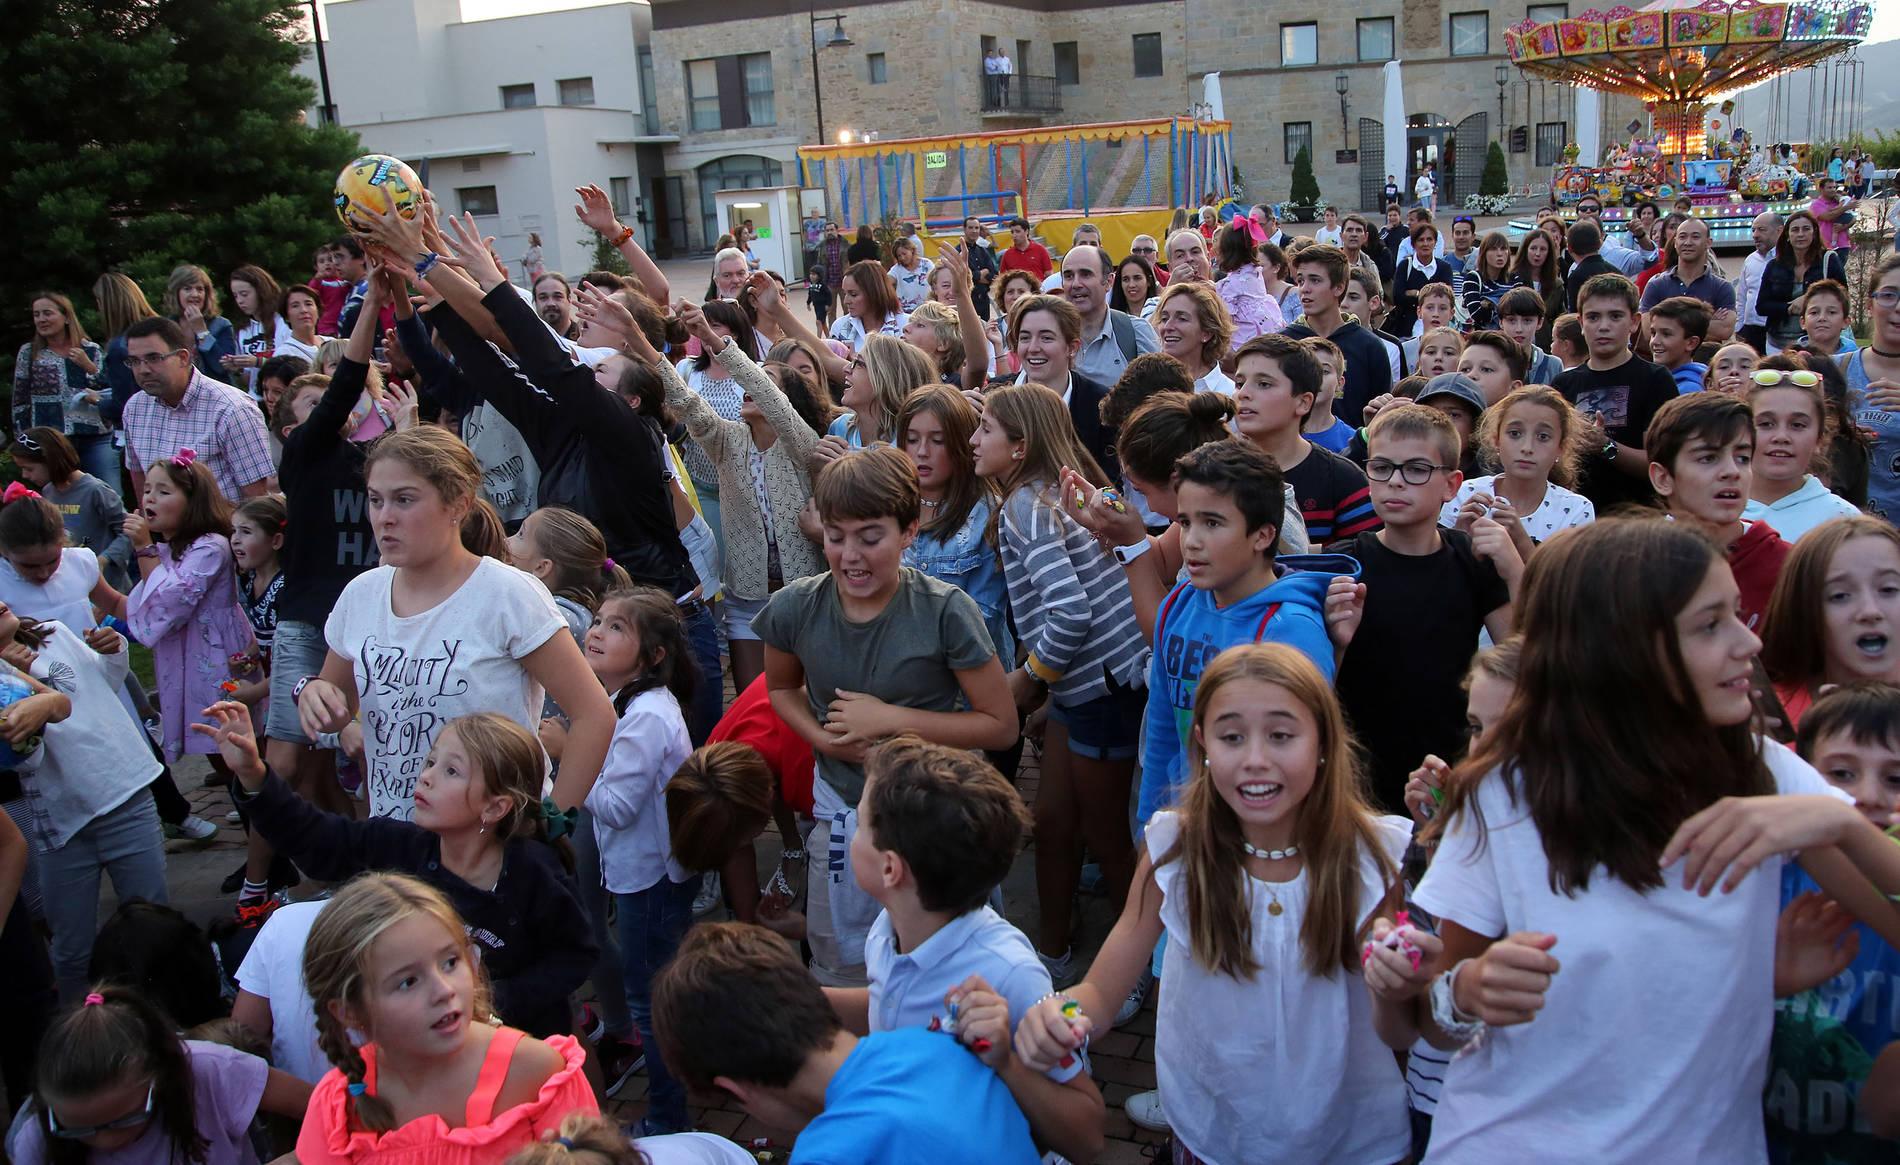 Cohete de Fiestas de Gorraiz (1/6) - Comienzo de las fiestas patronales de Gorraiz, la Asociación de Vecinos lanzó el cohete. - Contenidos -